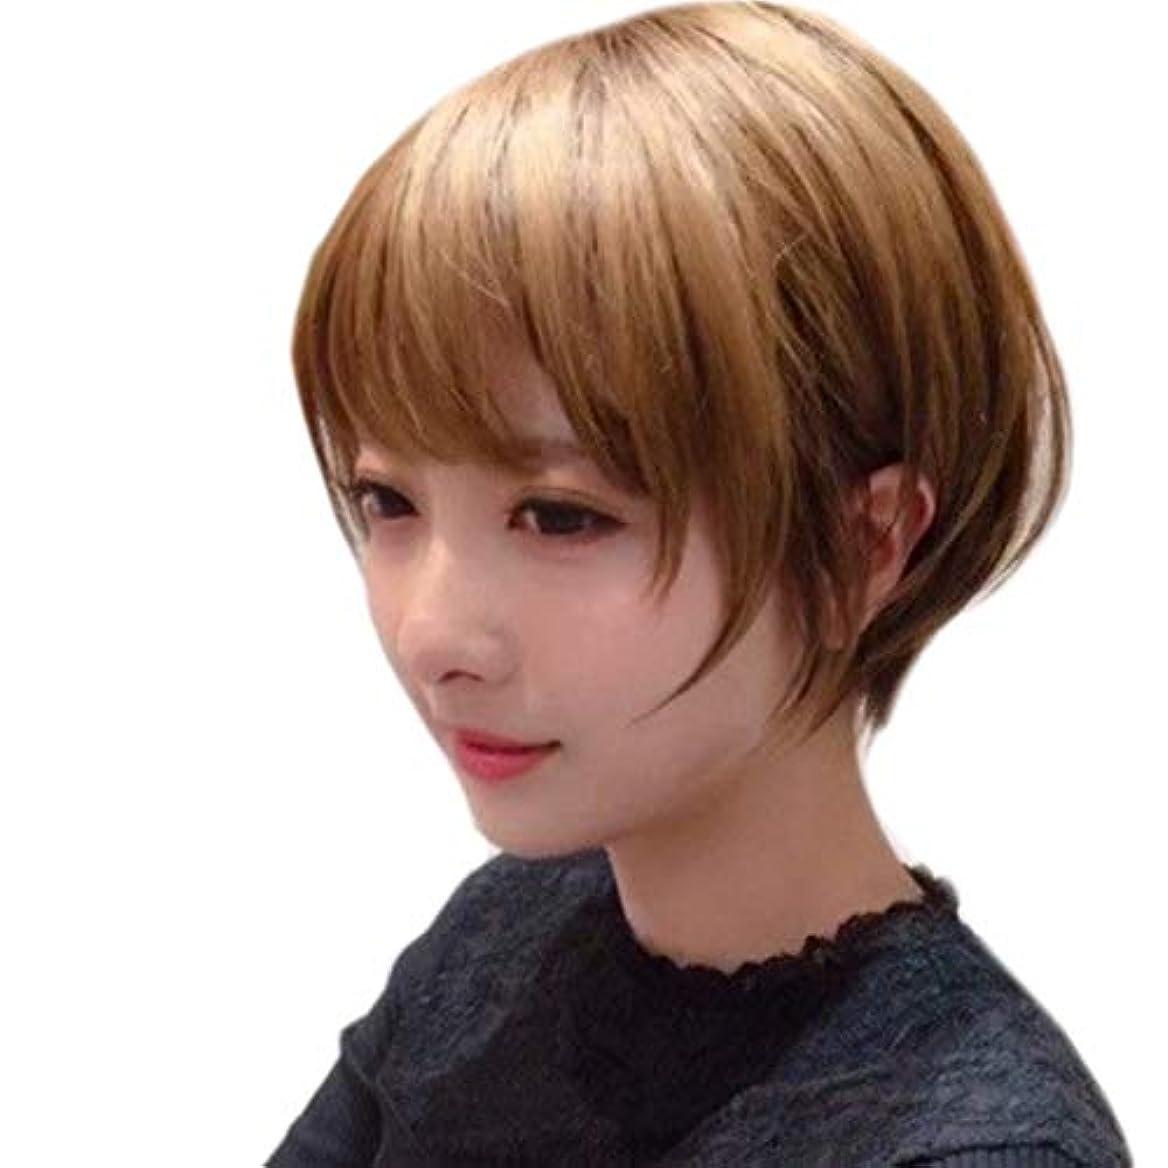 意外徹底所有者Kerwinner 短いかつらふわふわボブ変態ストレートヘアかつら合成耐熱女性ヘアスタイルカスタム